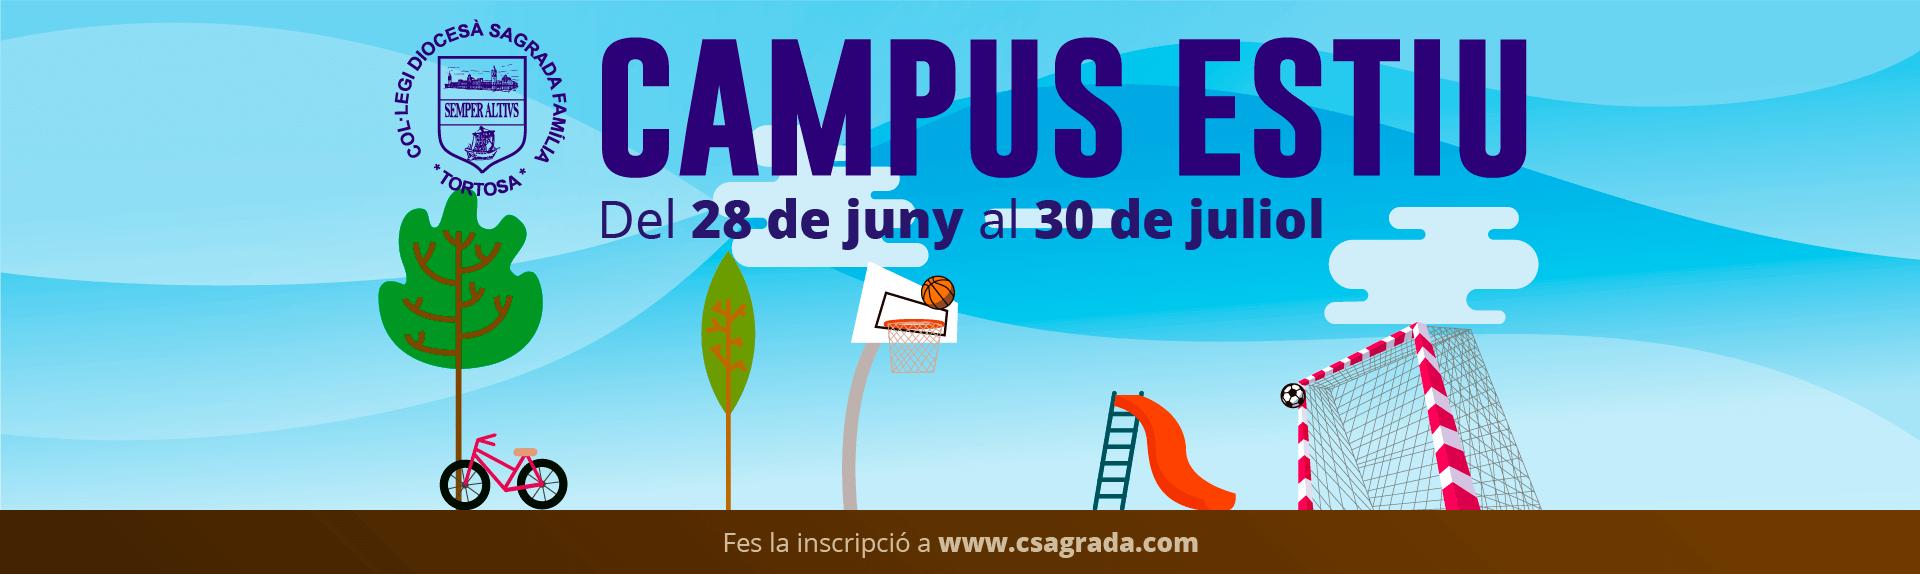 campus estiu 2021